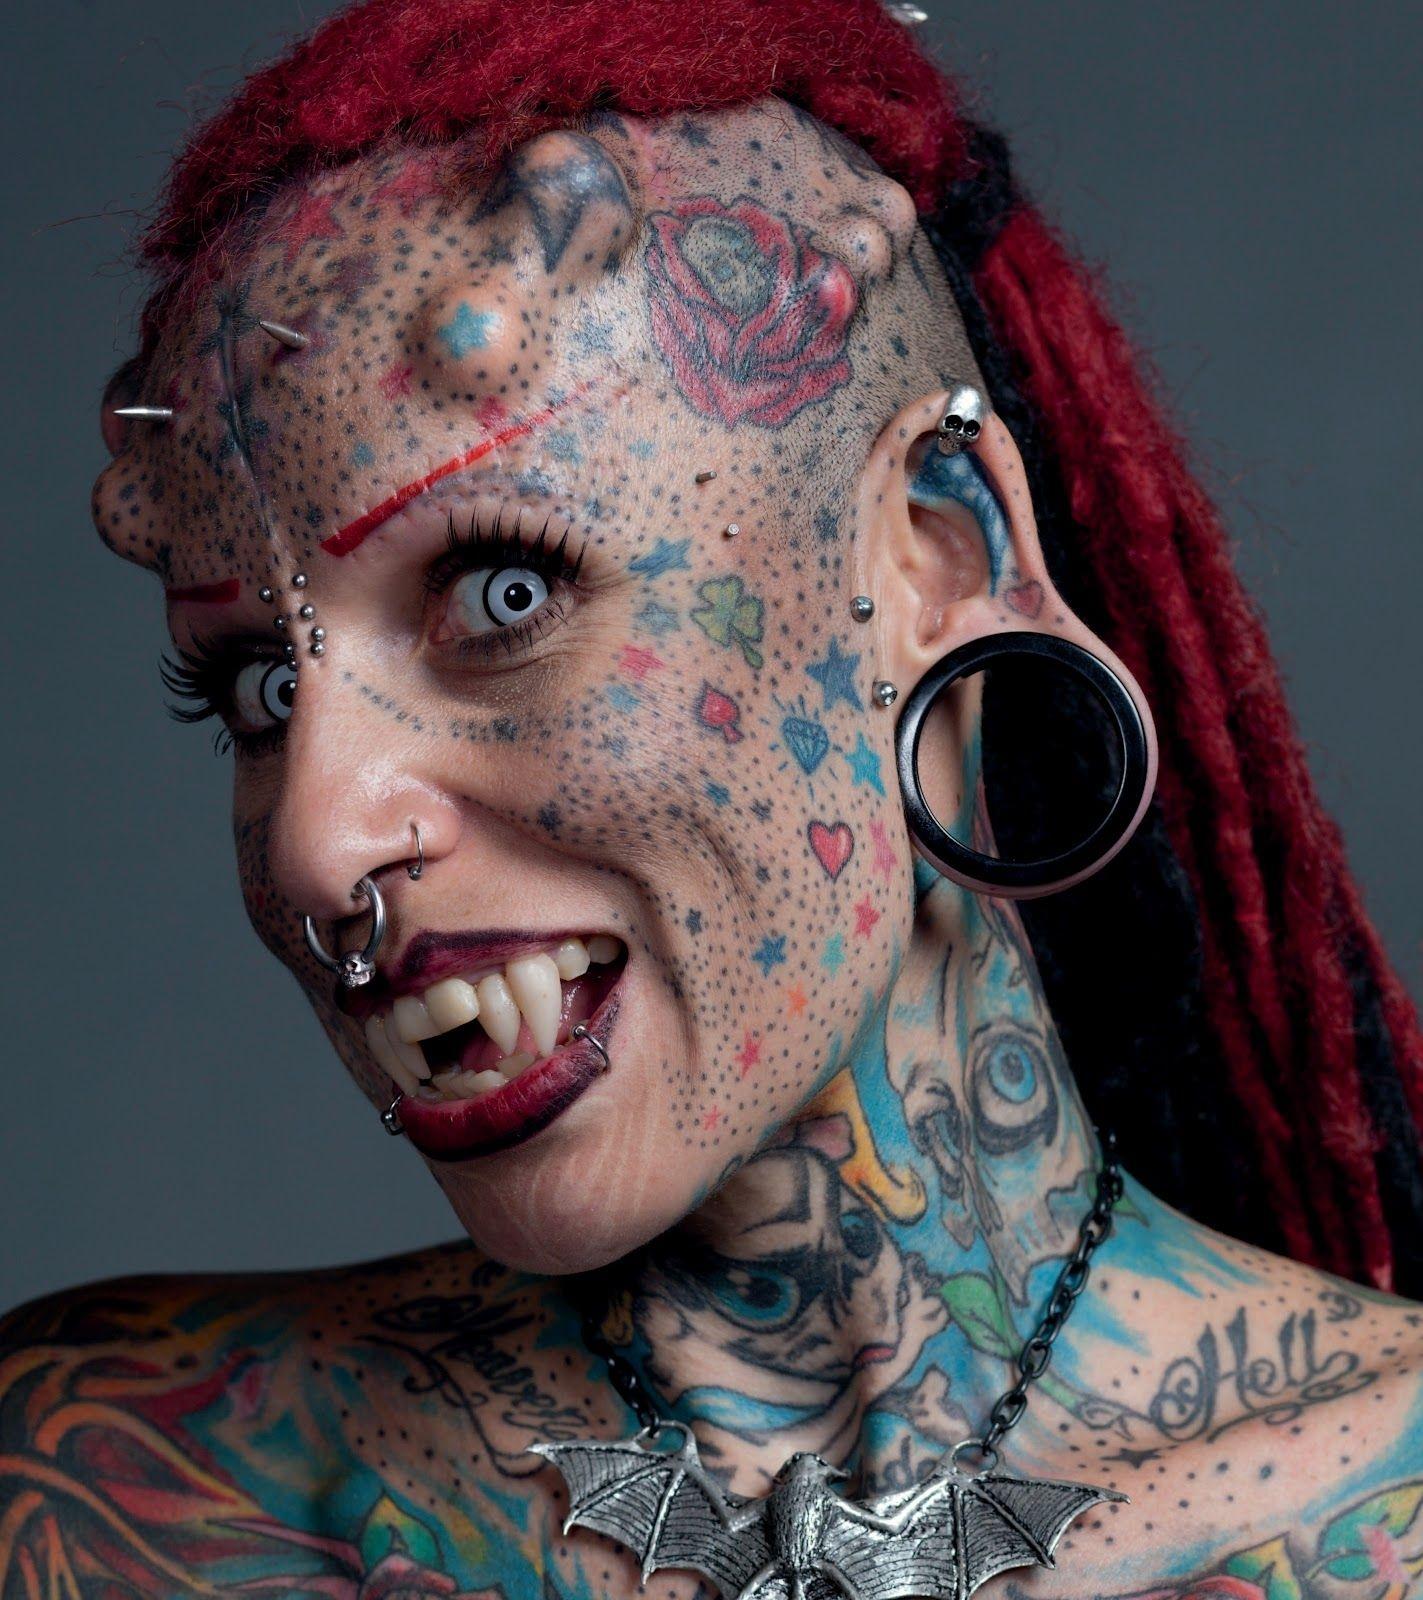 Bedeckt mit Piercings im Gesicht — foto 9